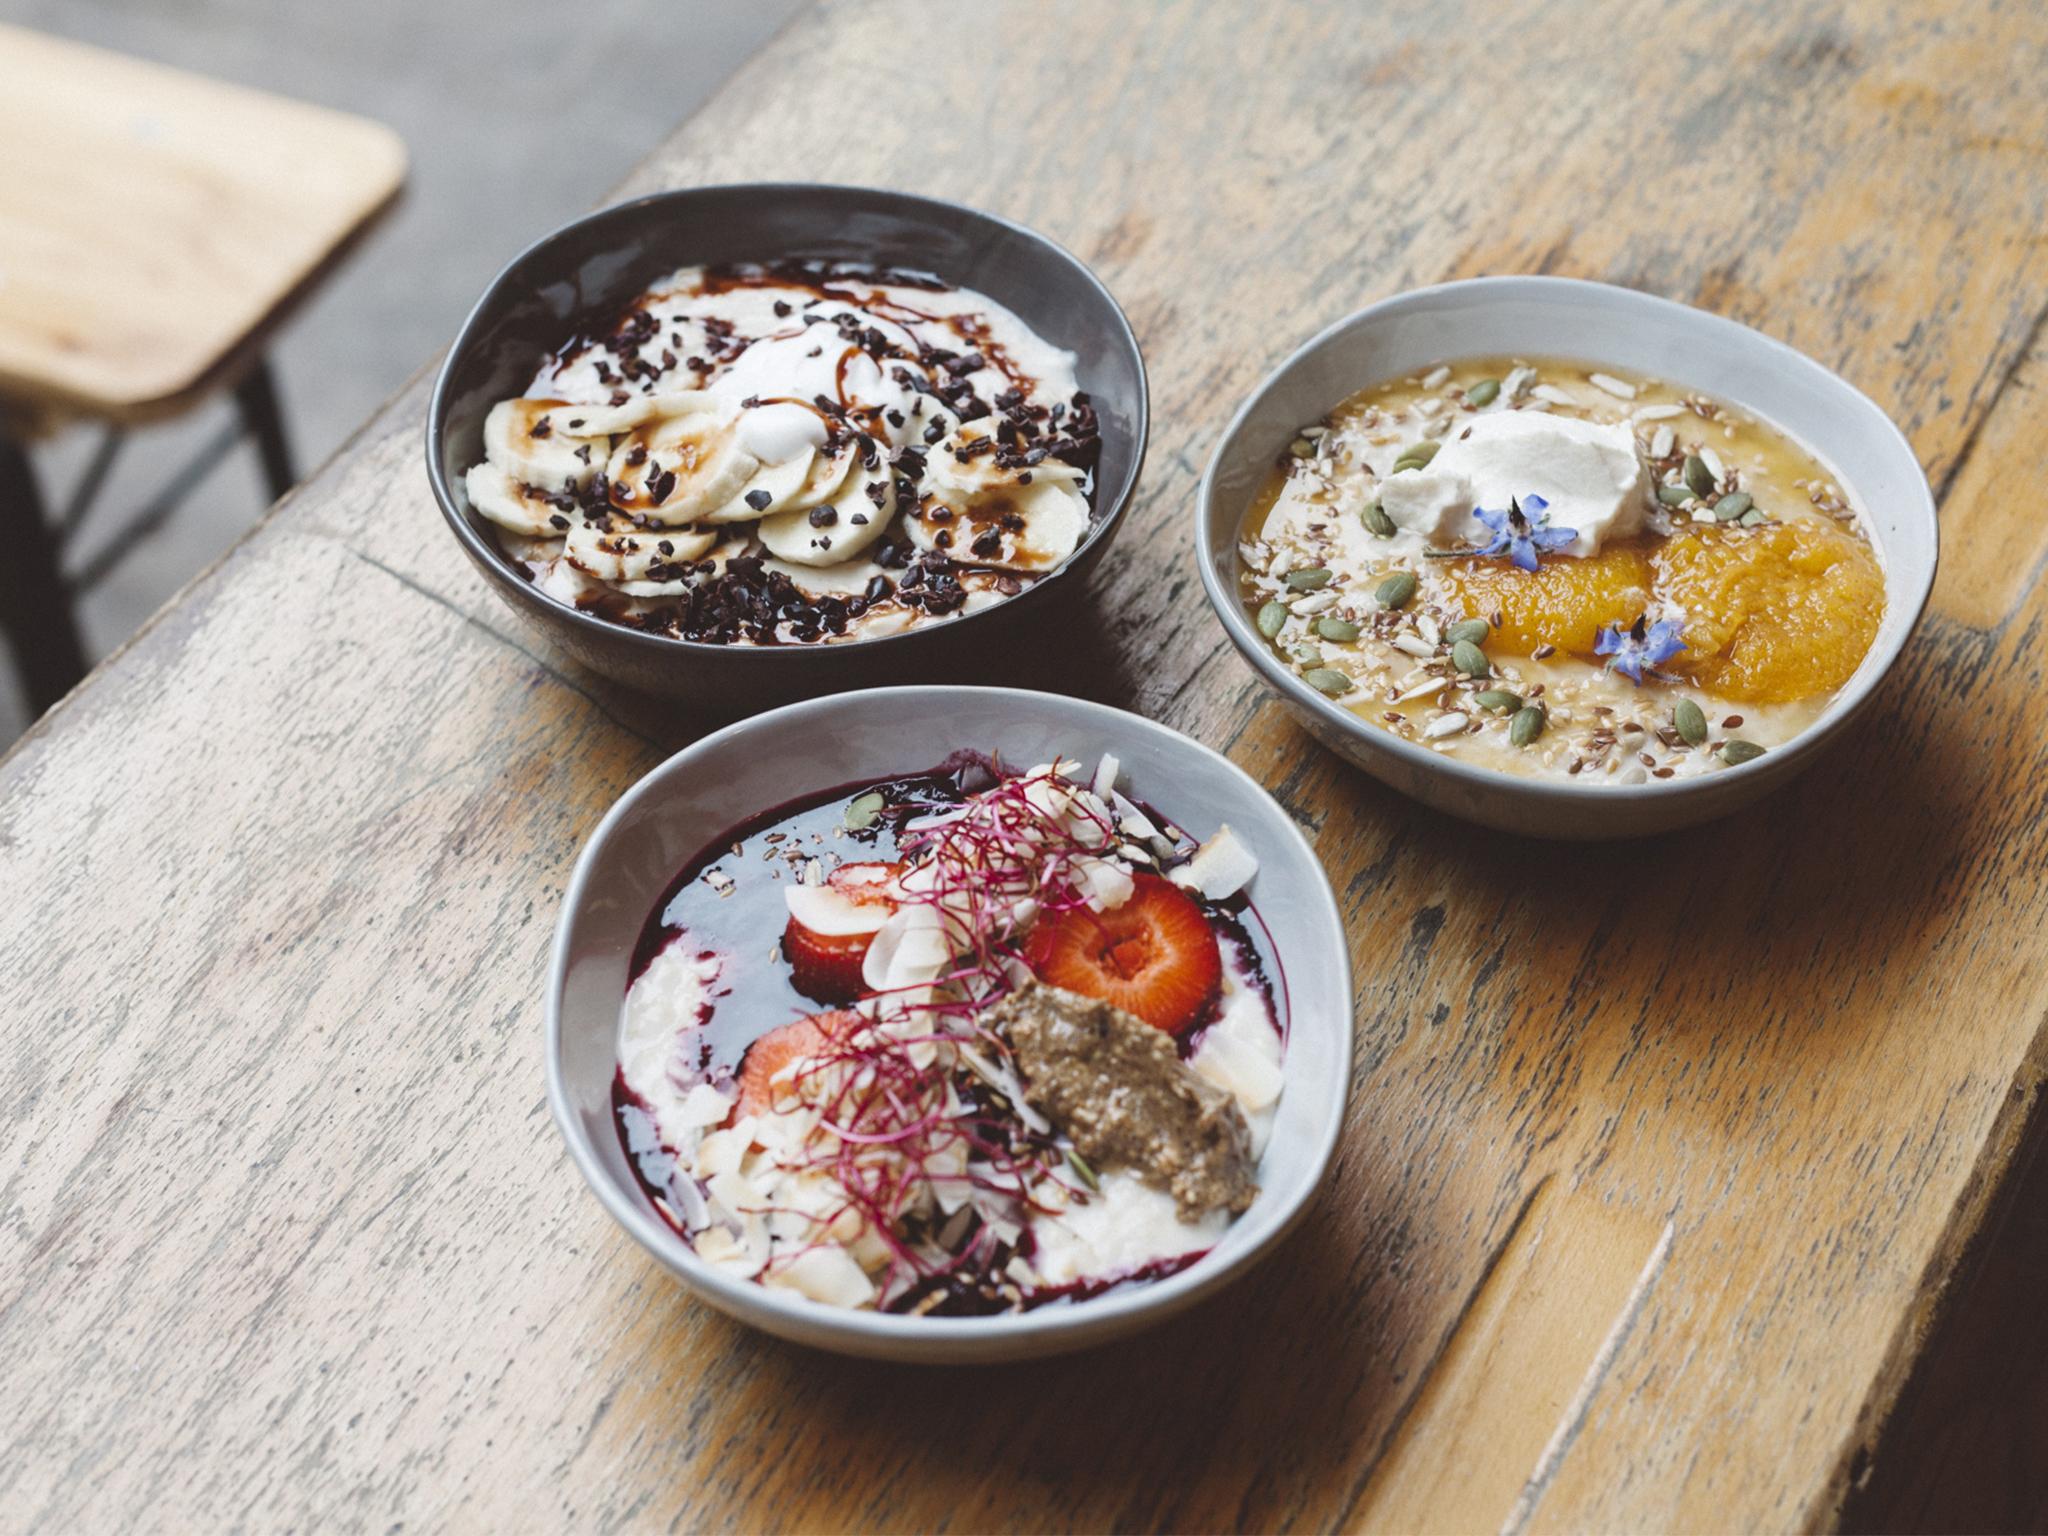 best breakfasts in london, 26 grains